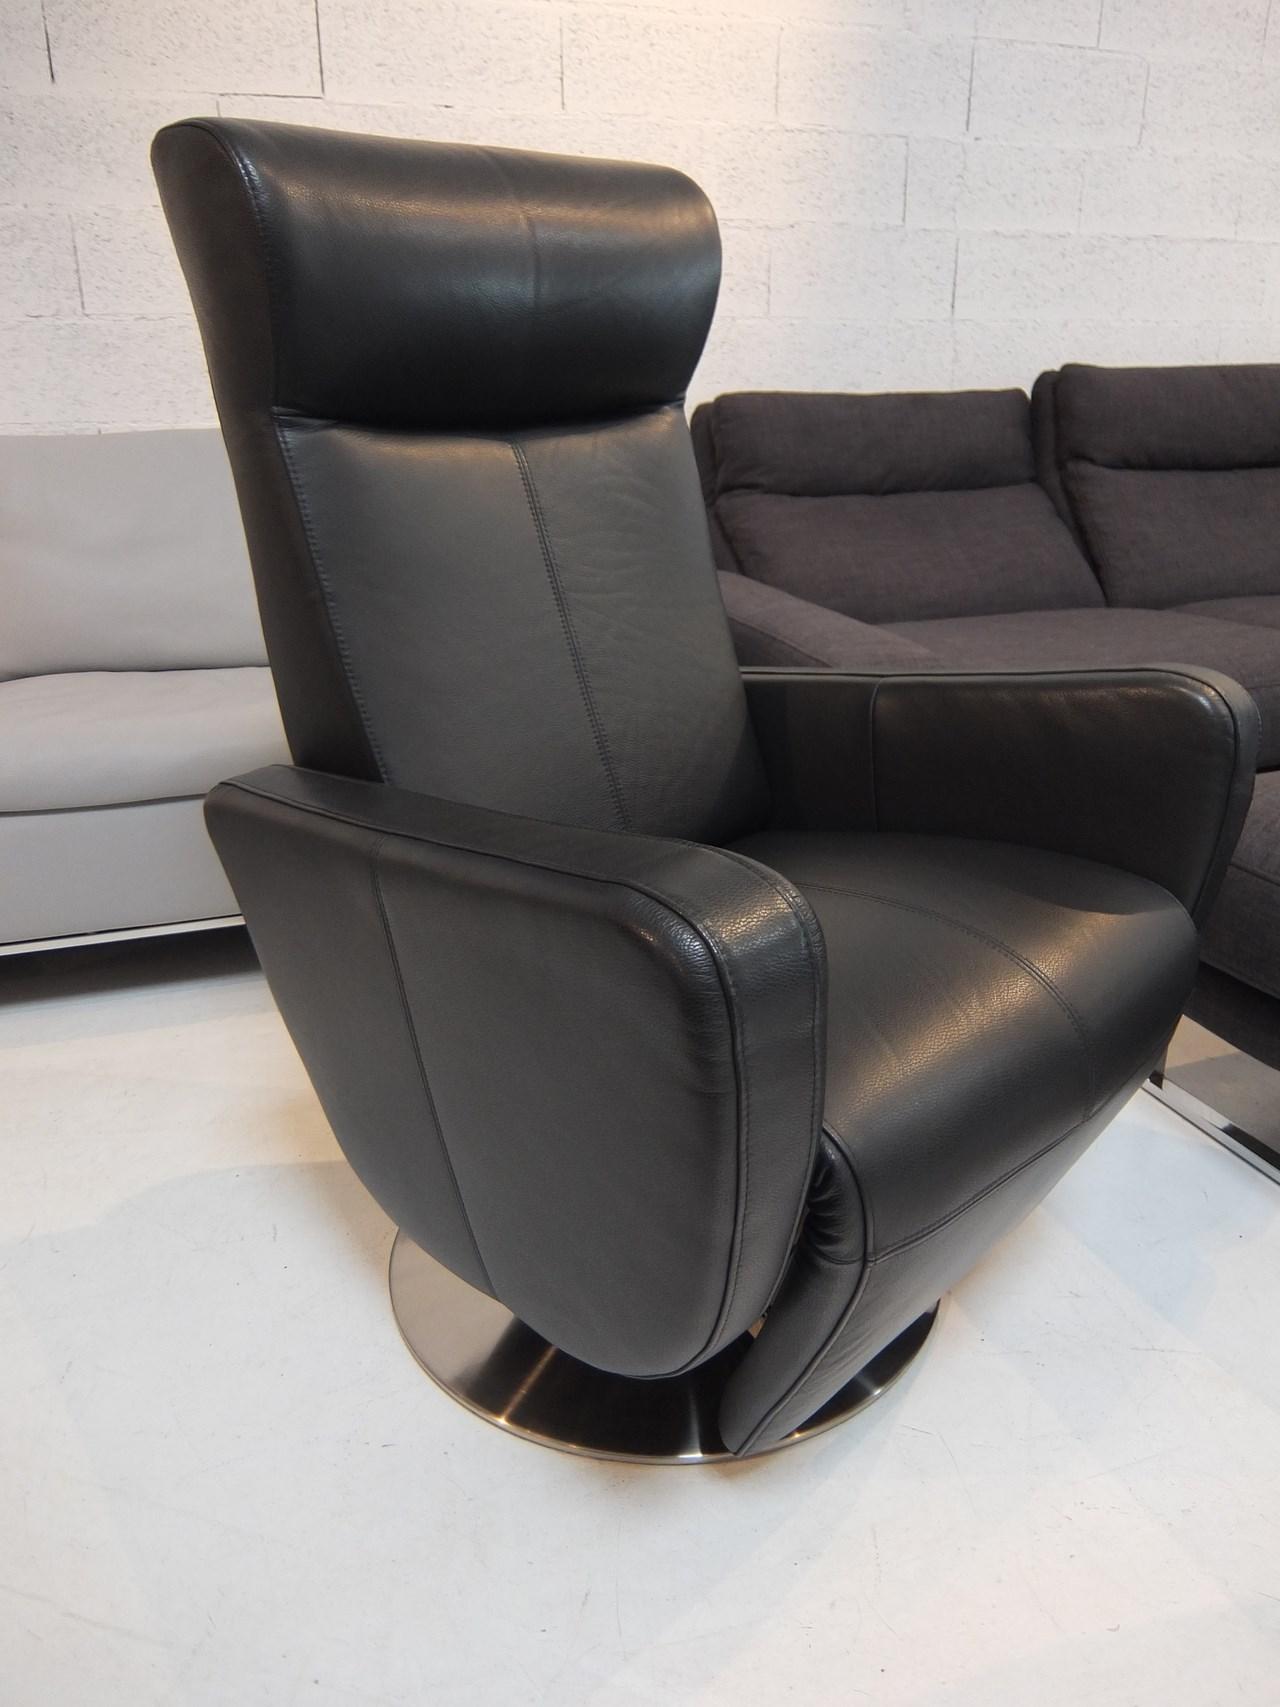 fauteuil relaxation zeus cuir nubia noir blog de seanroyale. Black Bedroom Furniture Sets. Home Design Ideas